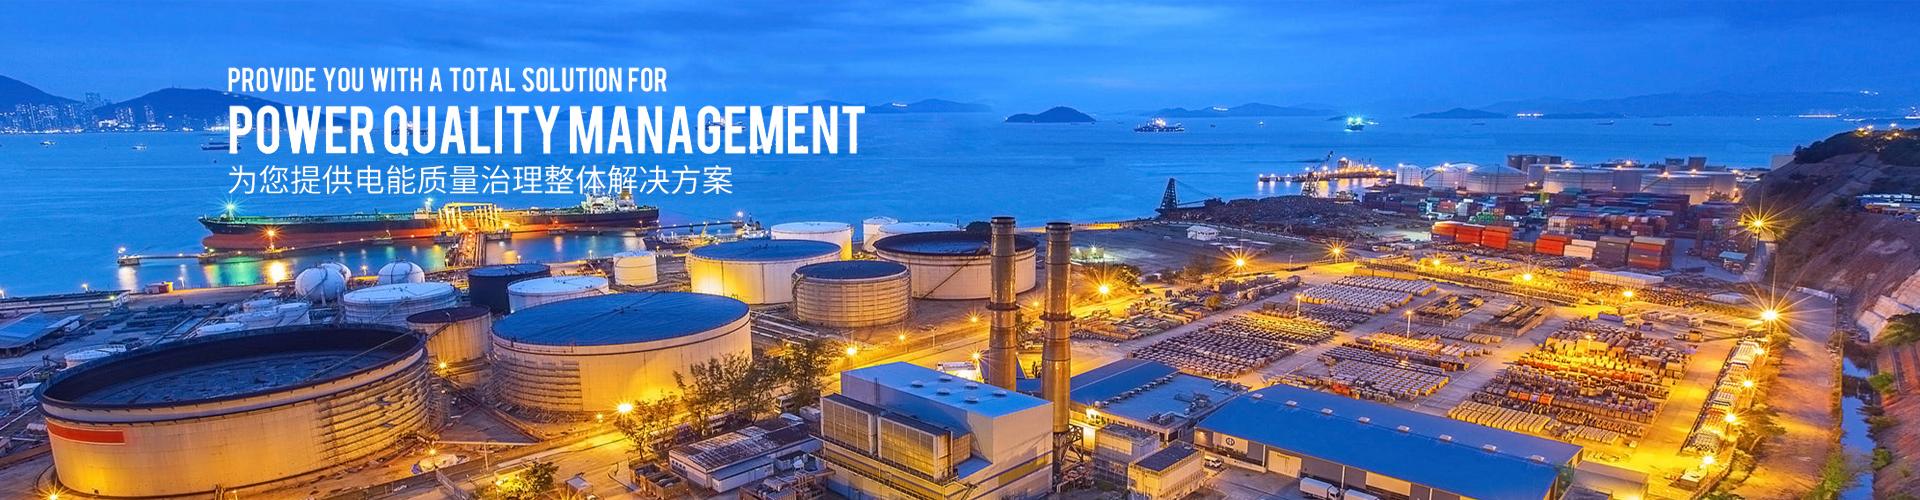 http://www.shibor-power.com.cn/data/upload/202012/20201215093939_256.jpg